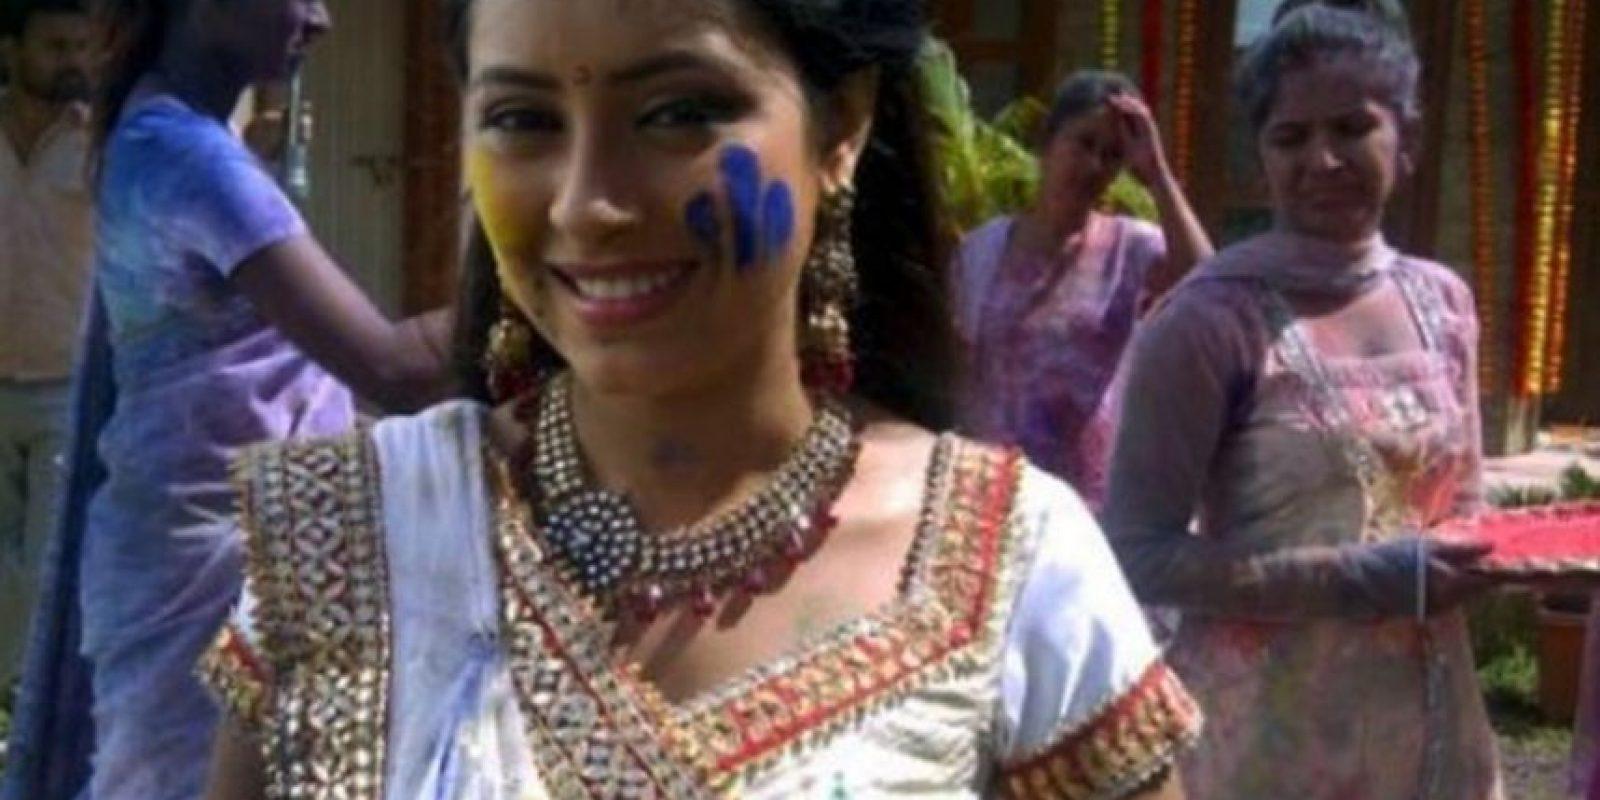 Foto:Vía facebook.com/Pratyusha.Banerjee.. Imagen Por: